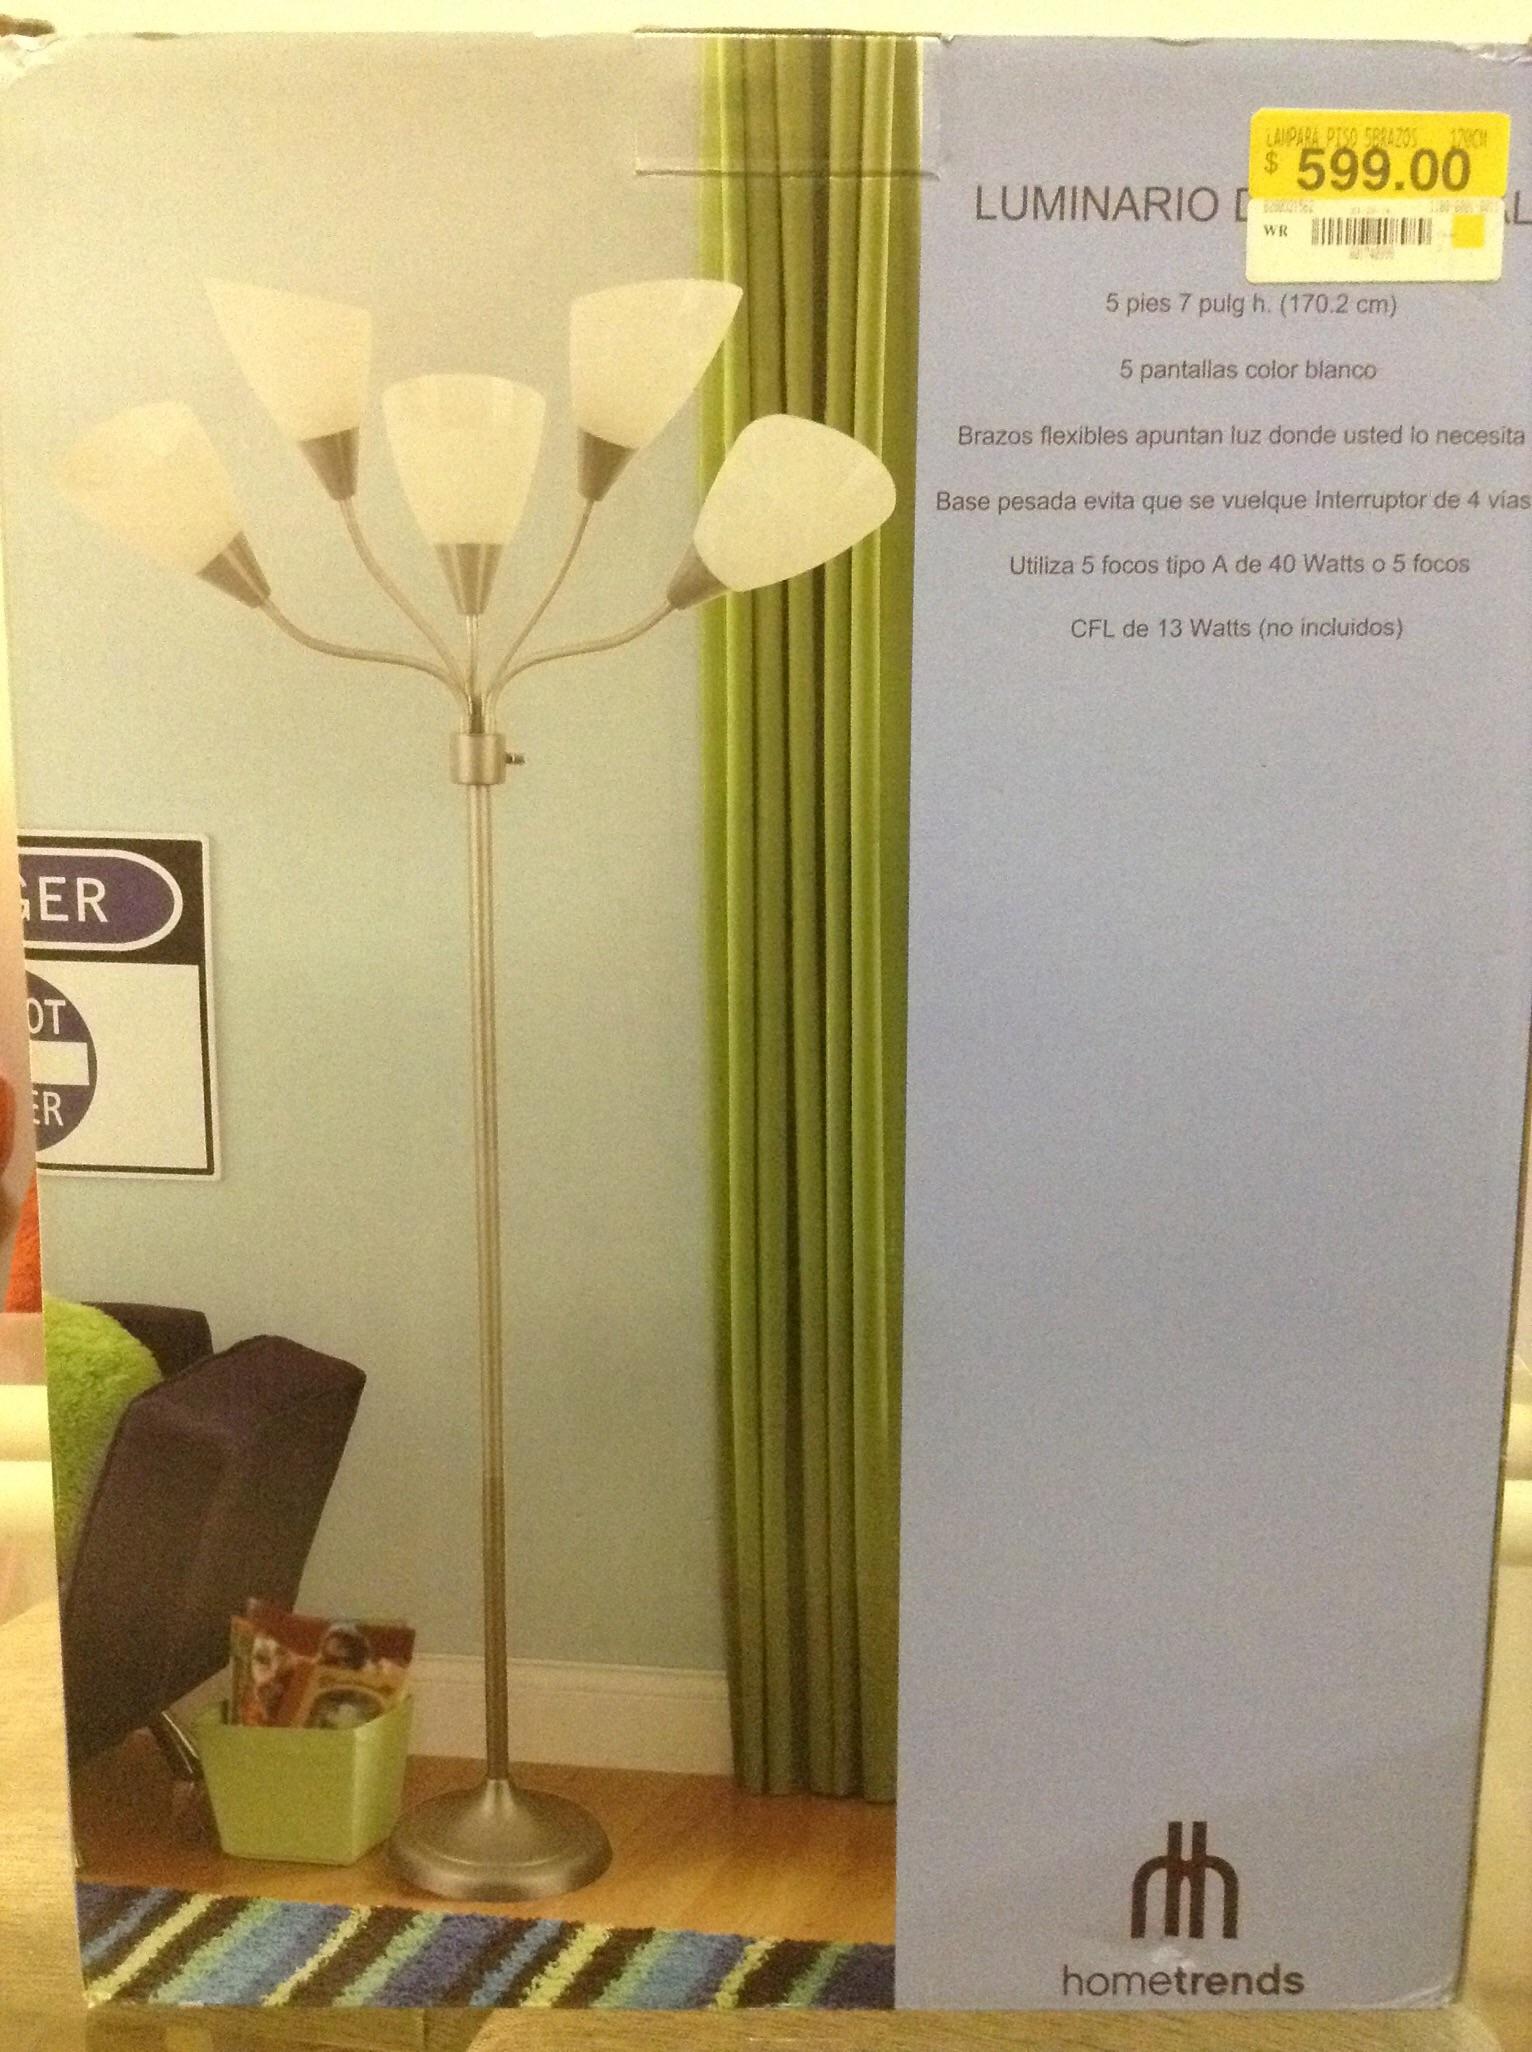 Walmart: Lámpara de piso $96.01